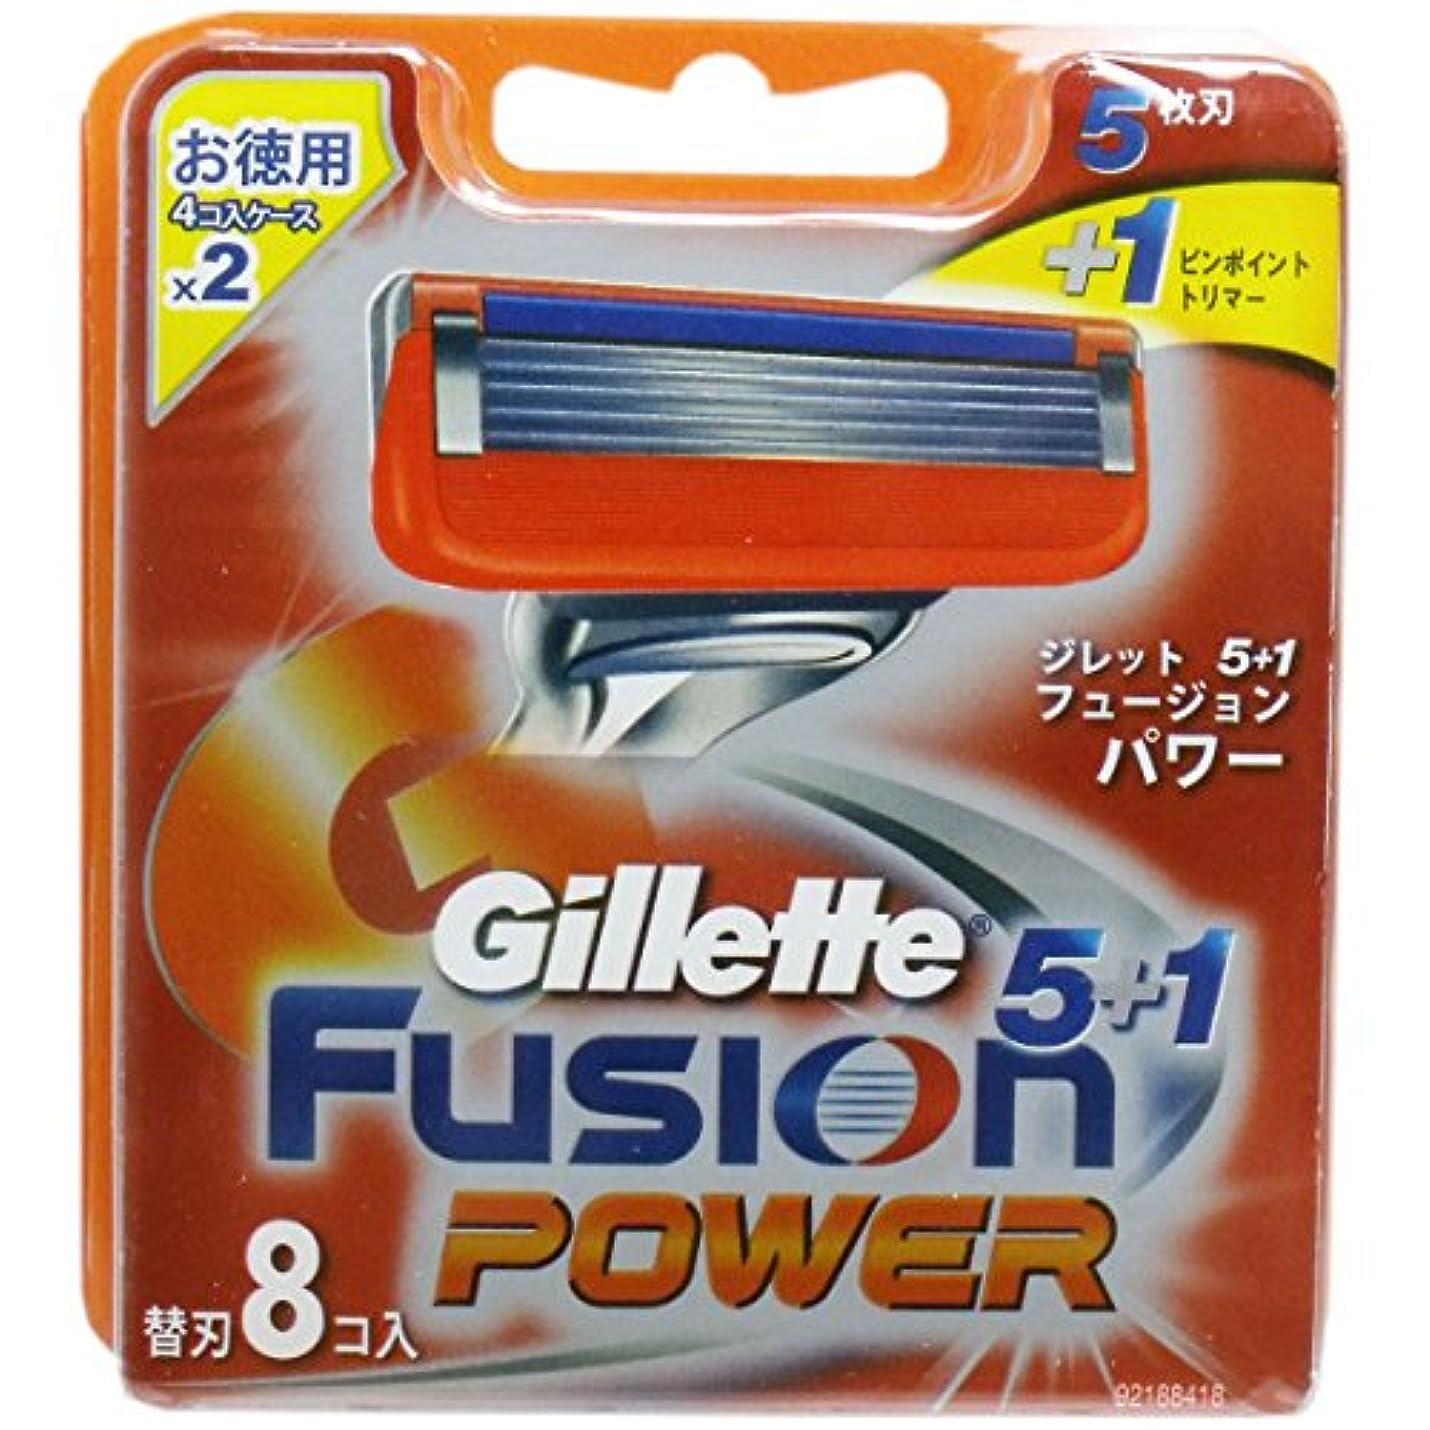 バッテリー境界ガソリンジレット フュージョン5+1 パワー 替刃8個入×5個セット